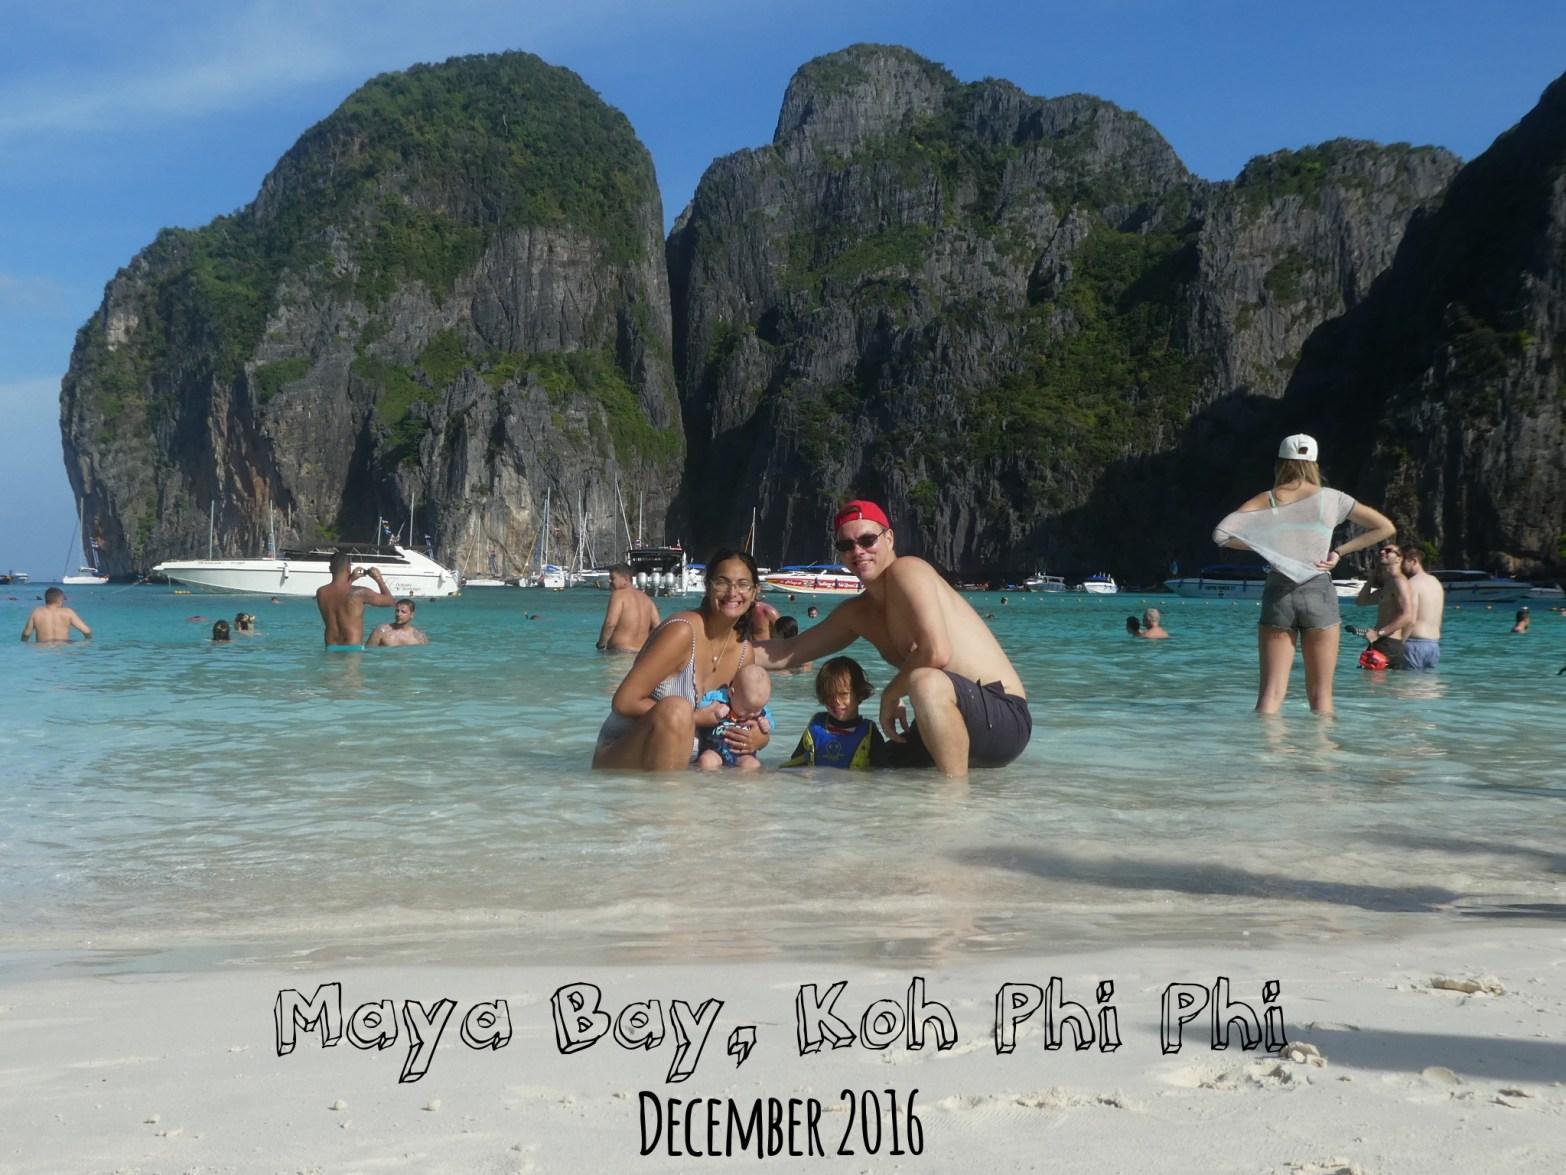 Maya Bay Koh Phi Phi